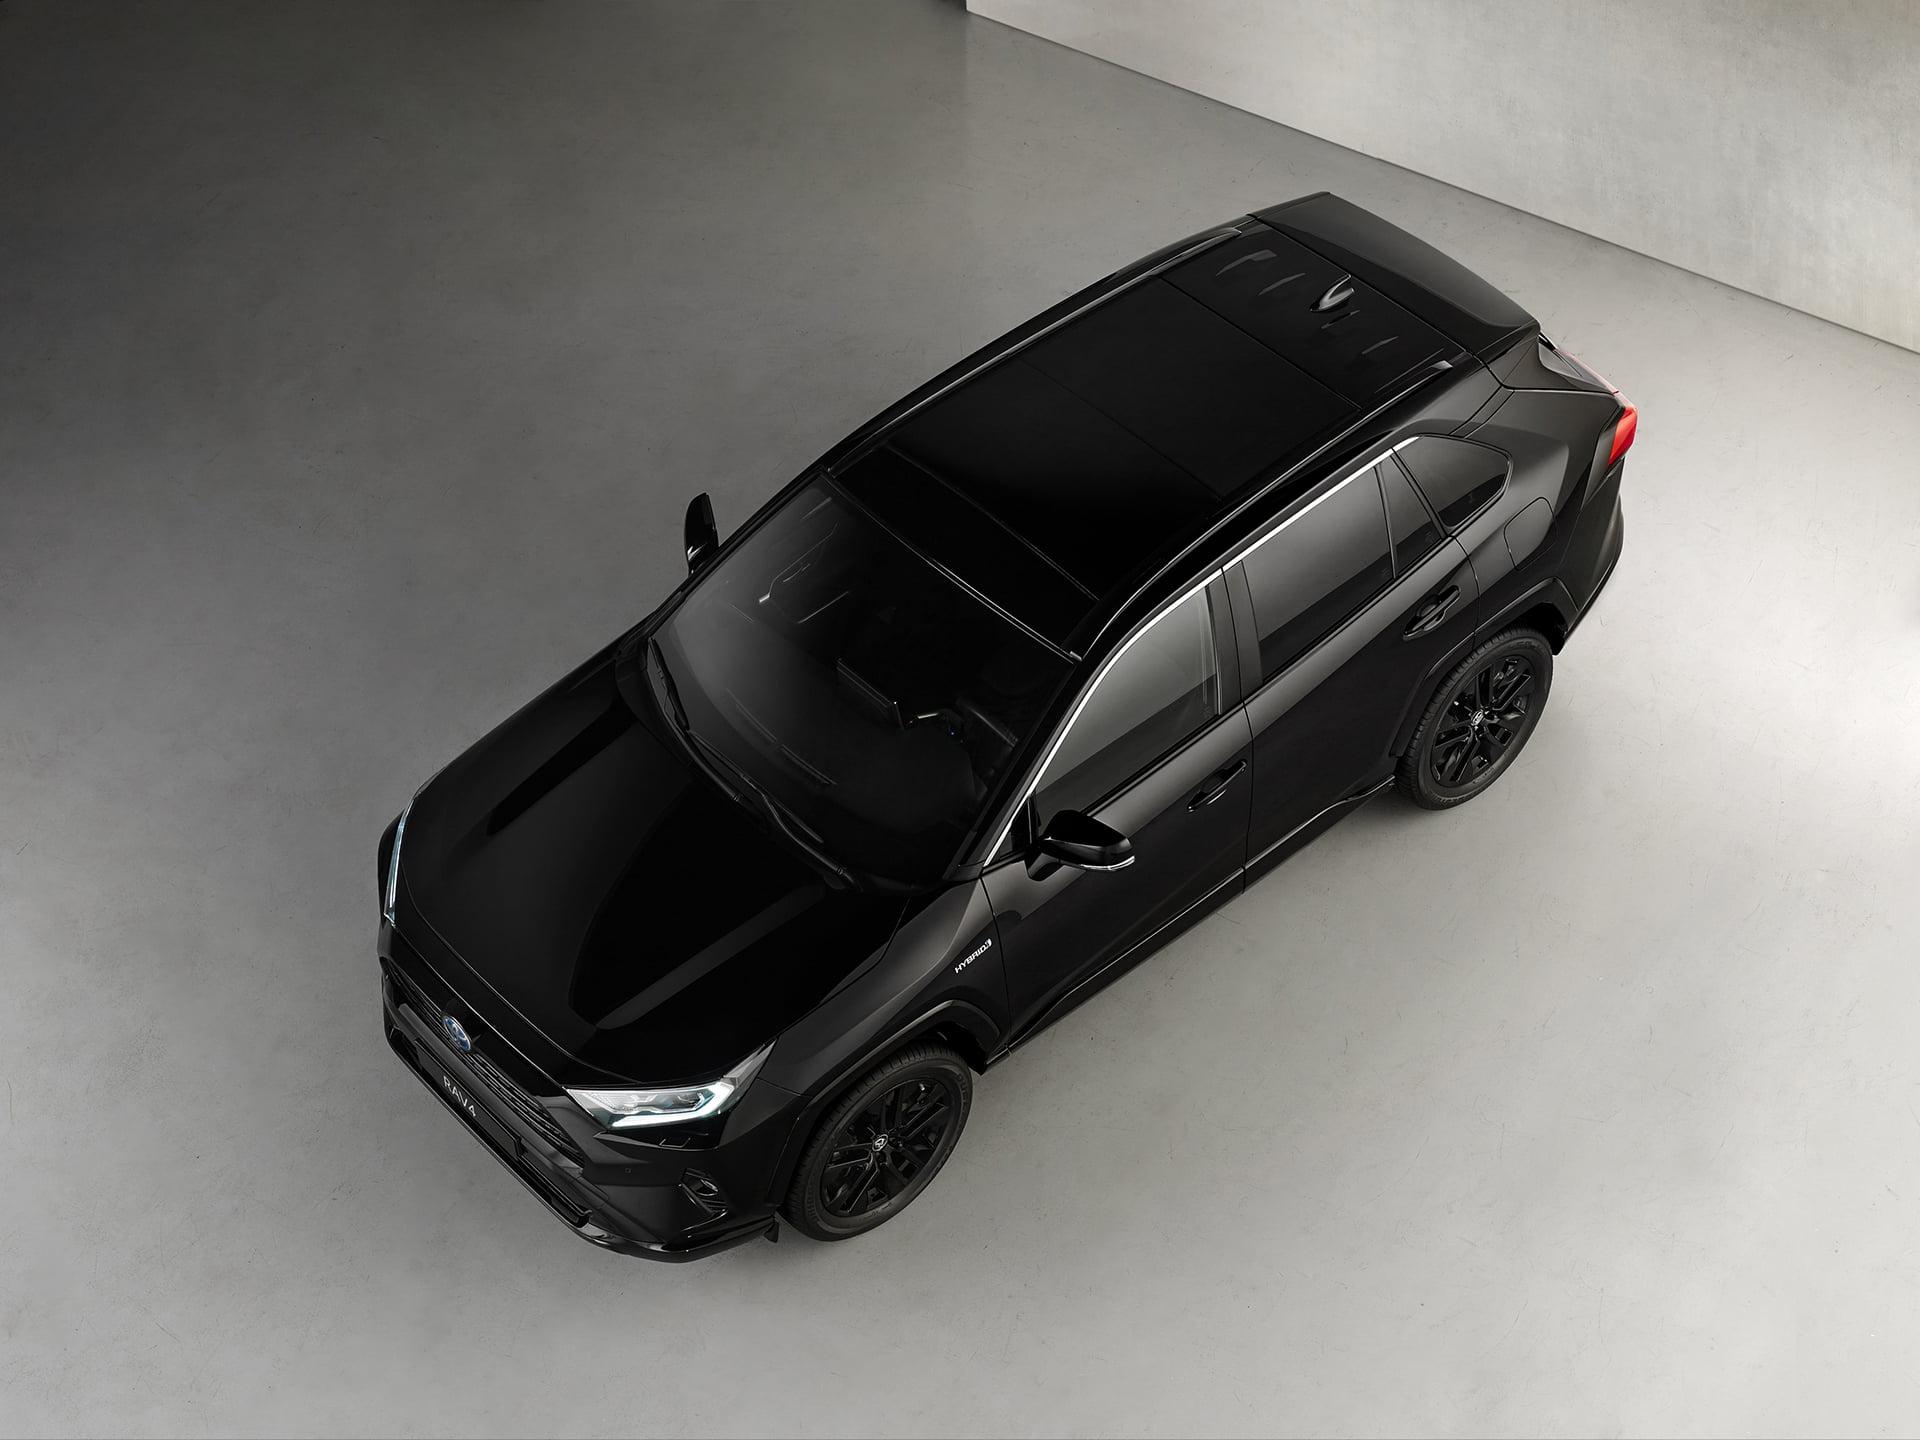 Toyota lanza una versión especial del RAV4 Hybrid Electric